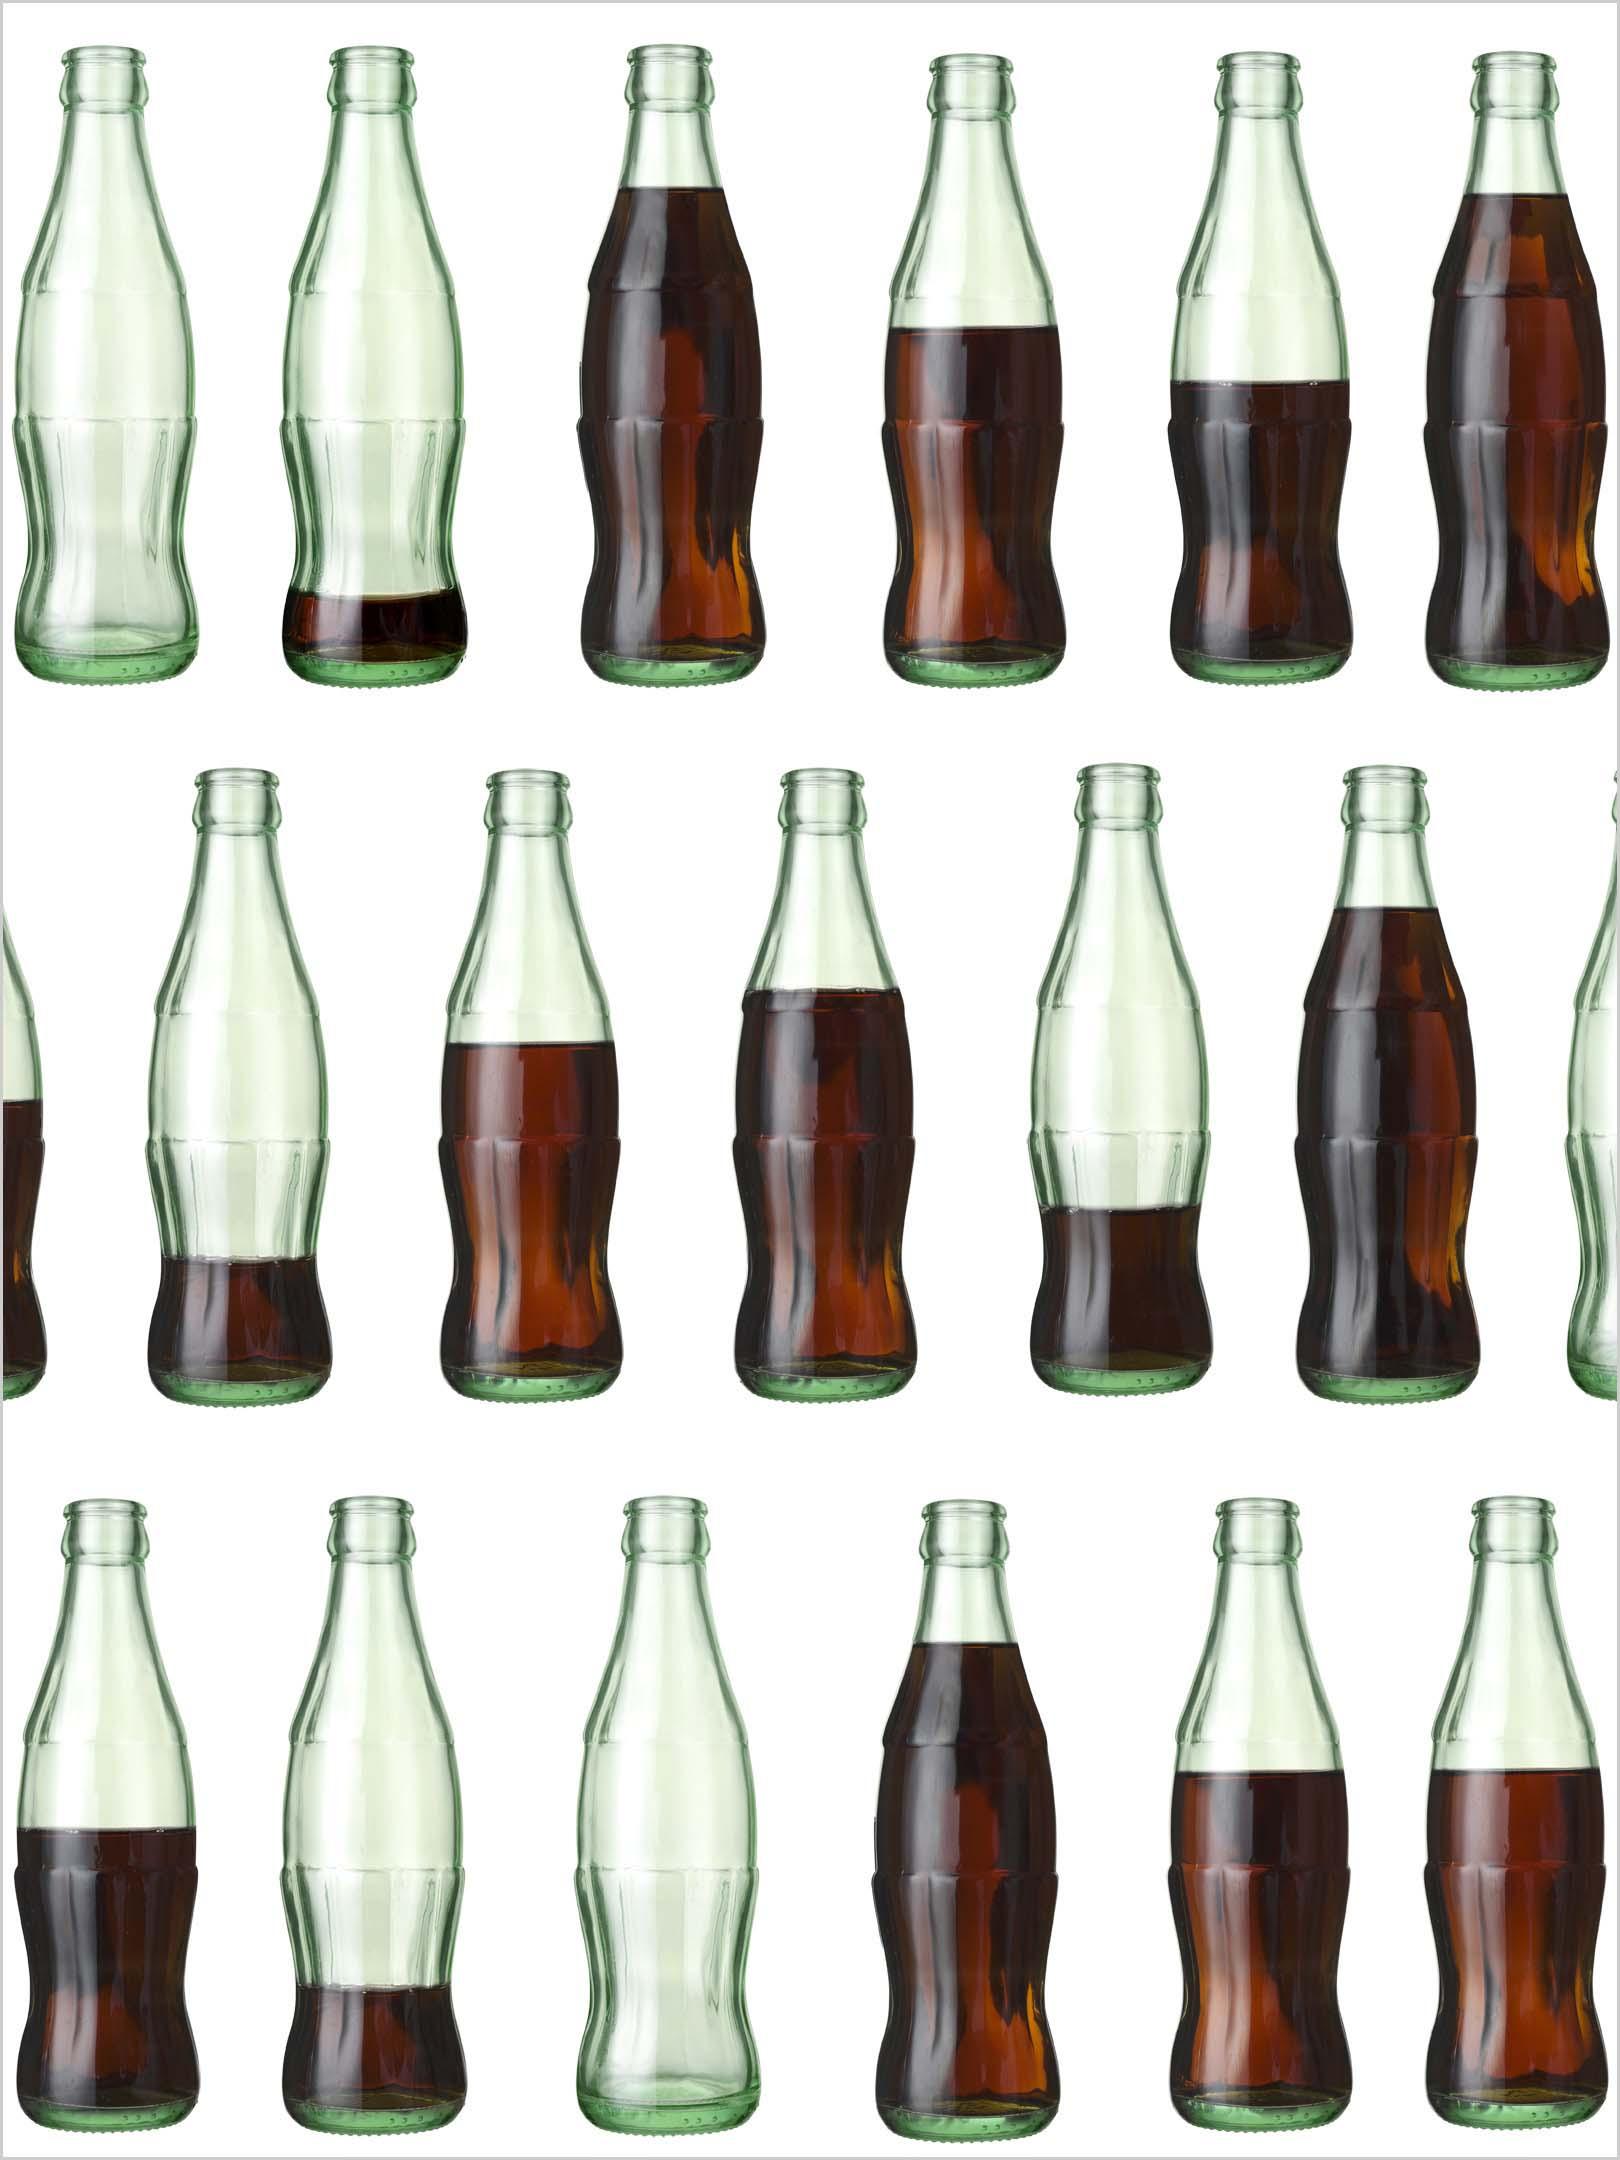 Beverages_13